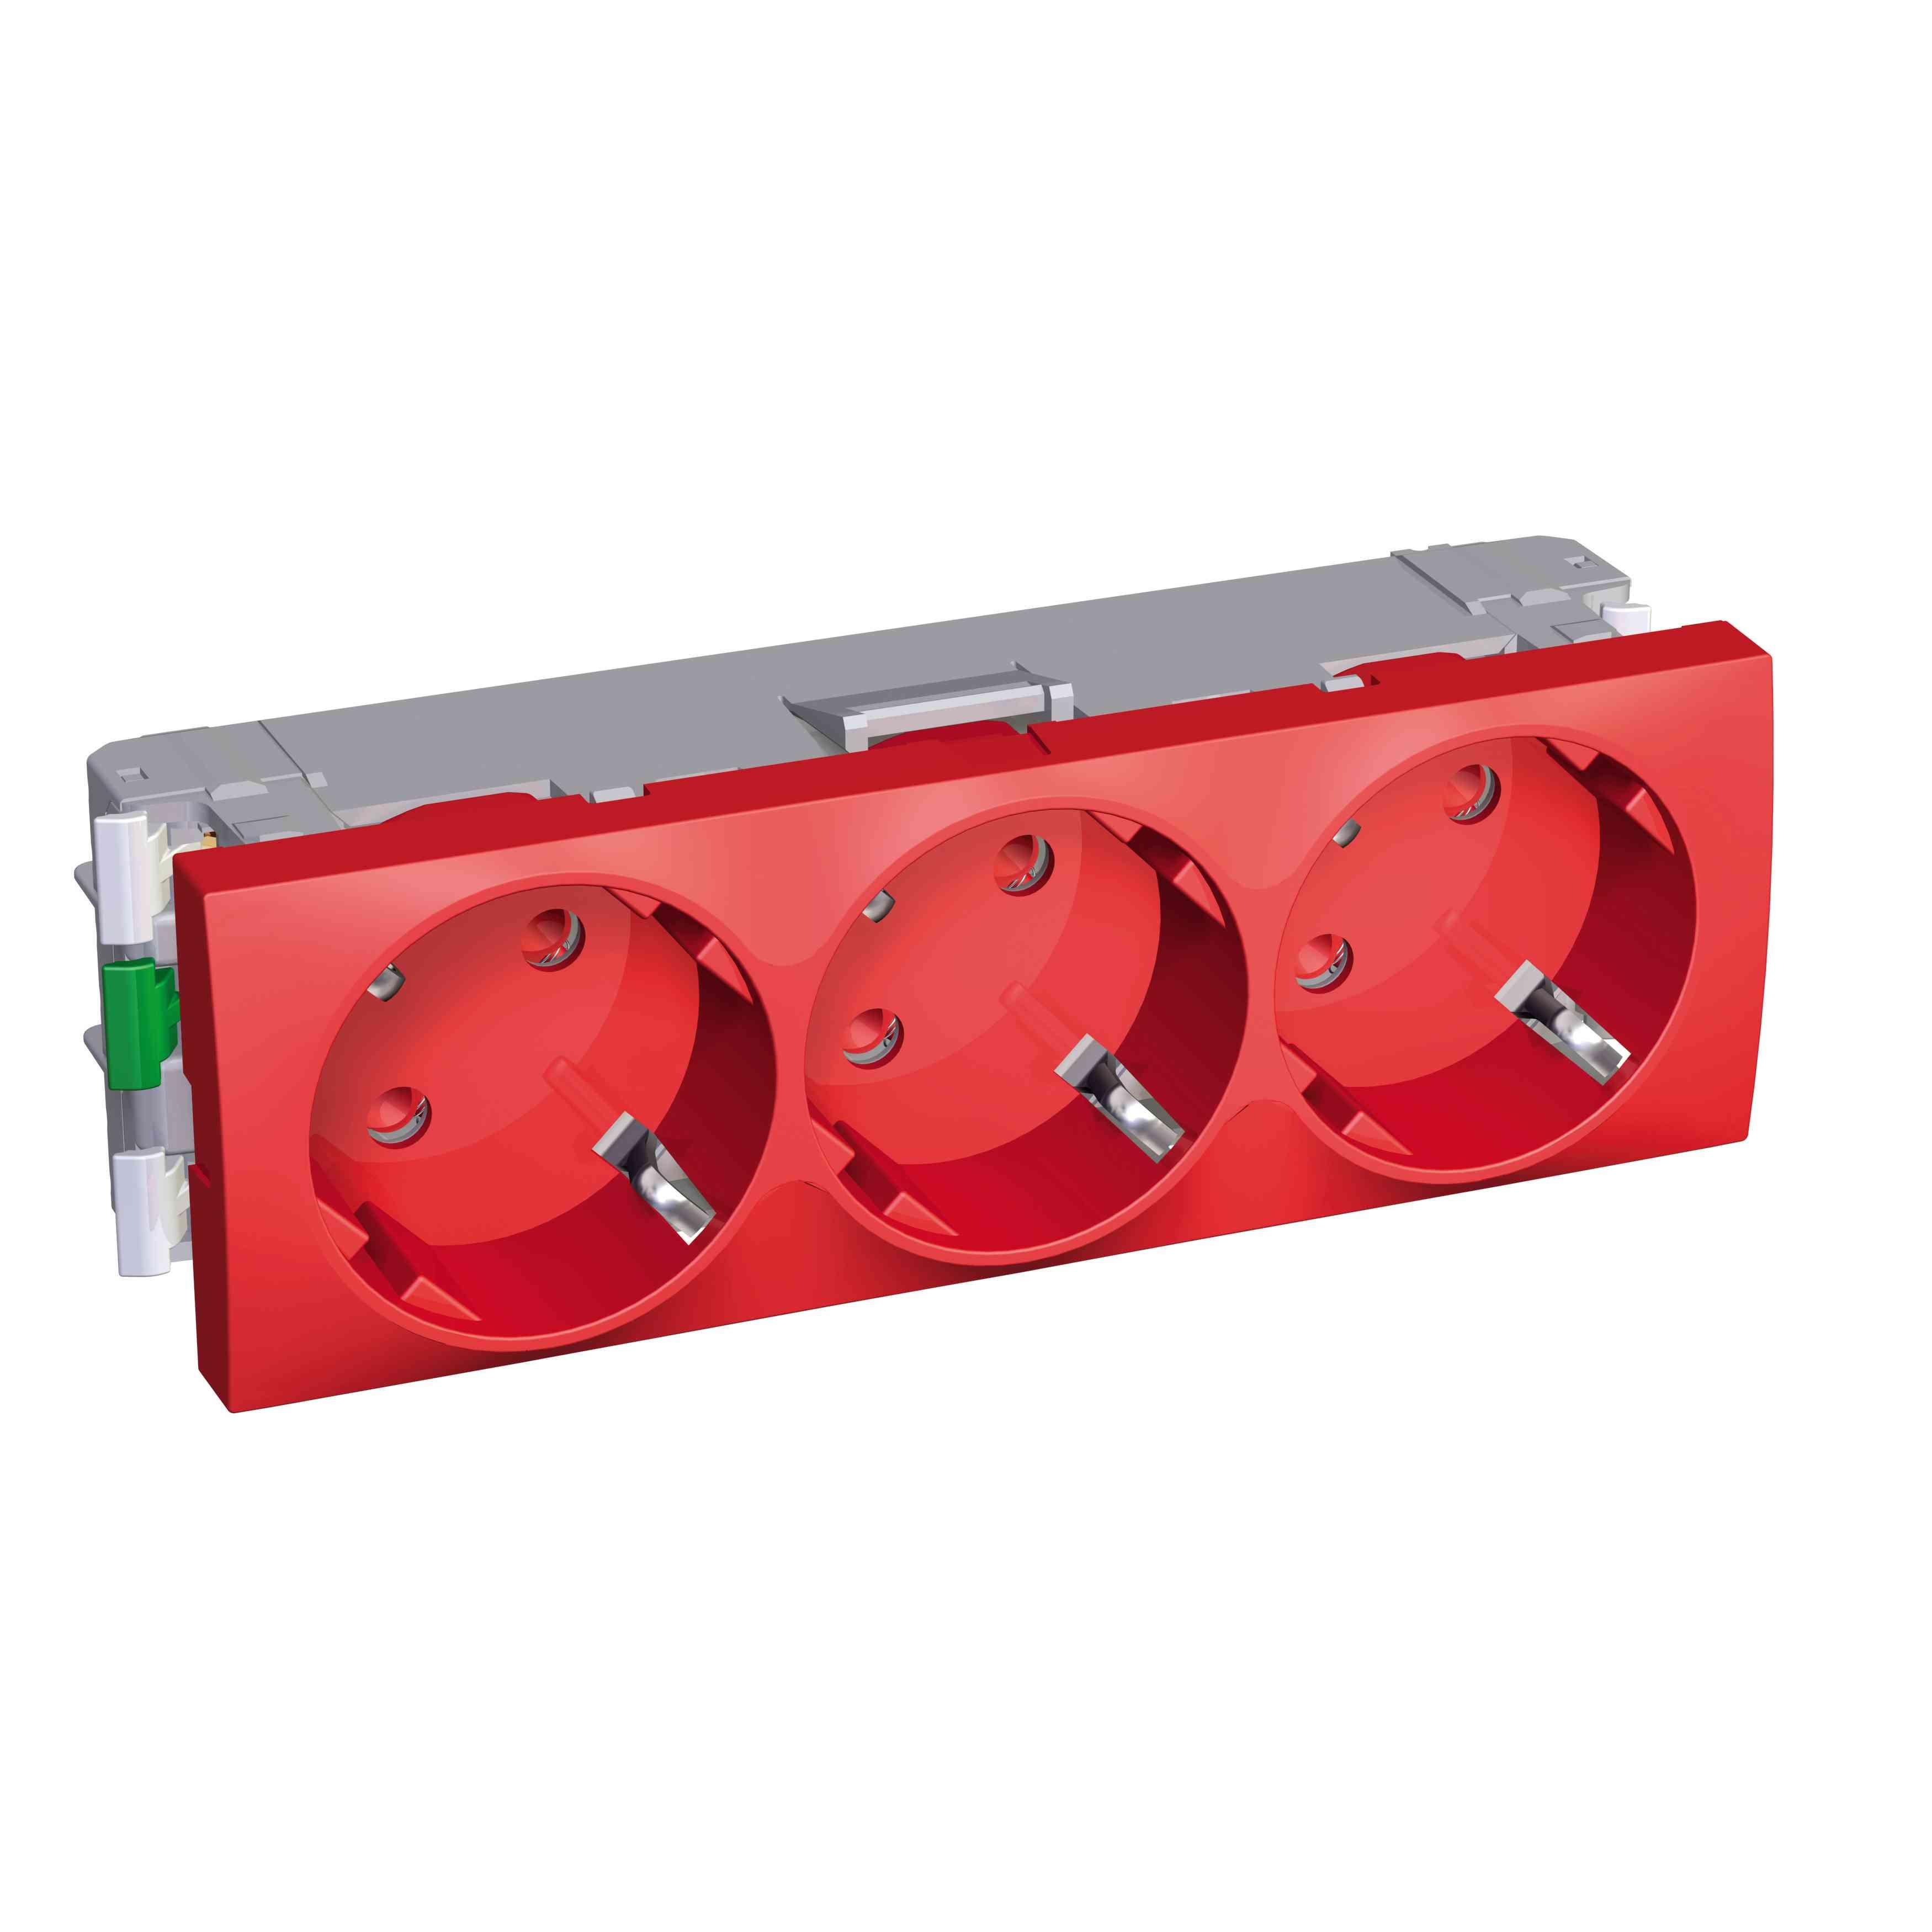 Altira - 3 SO - 2P + E z zaščito - ozemljitev - rdeč